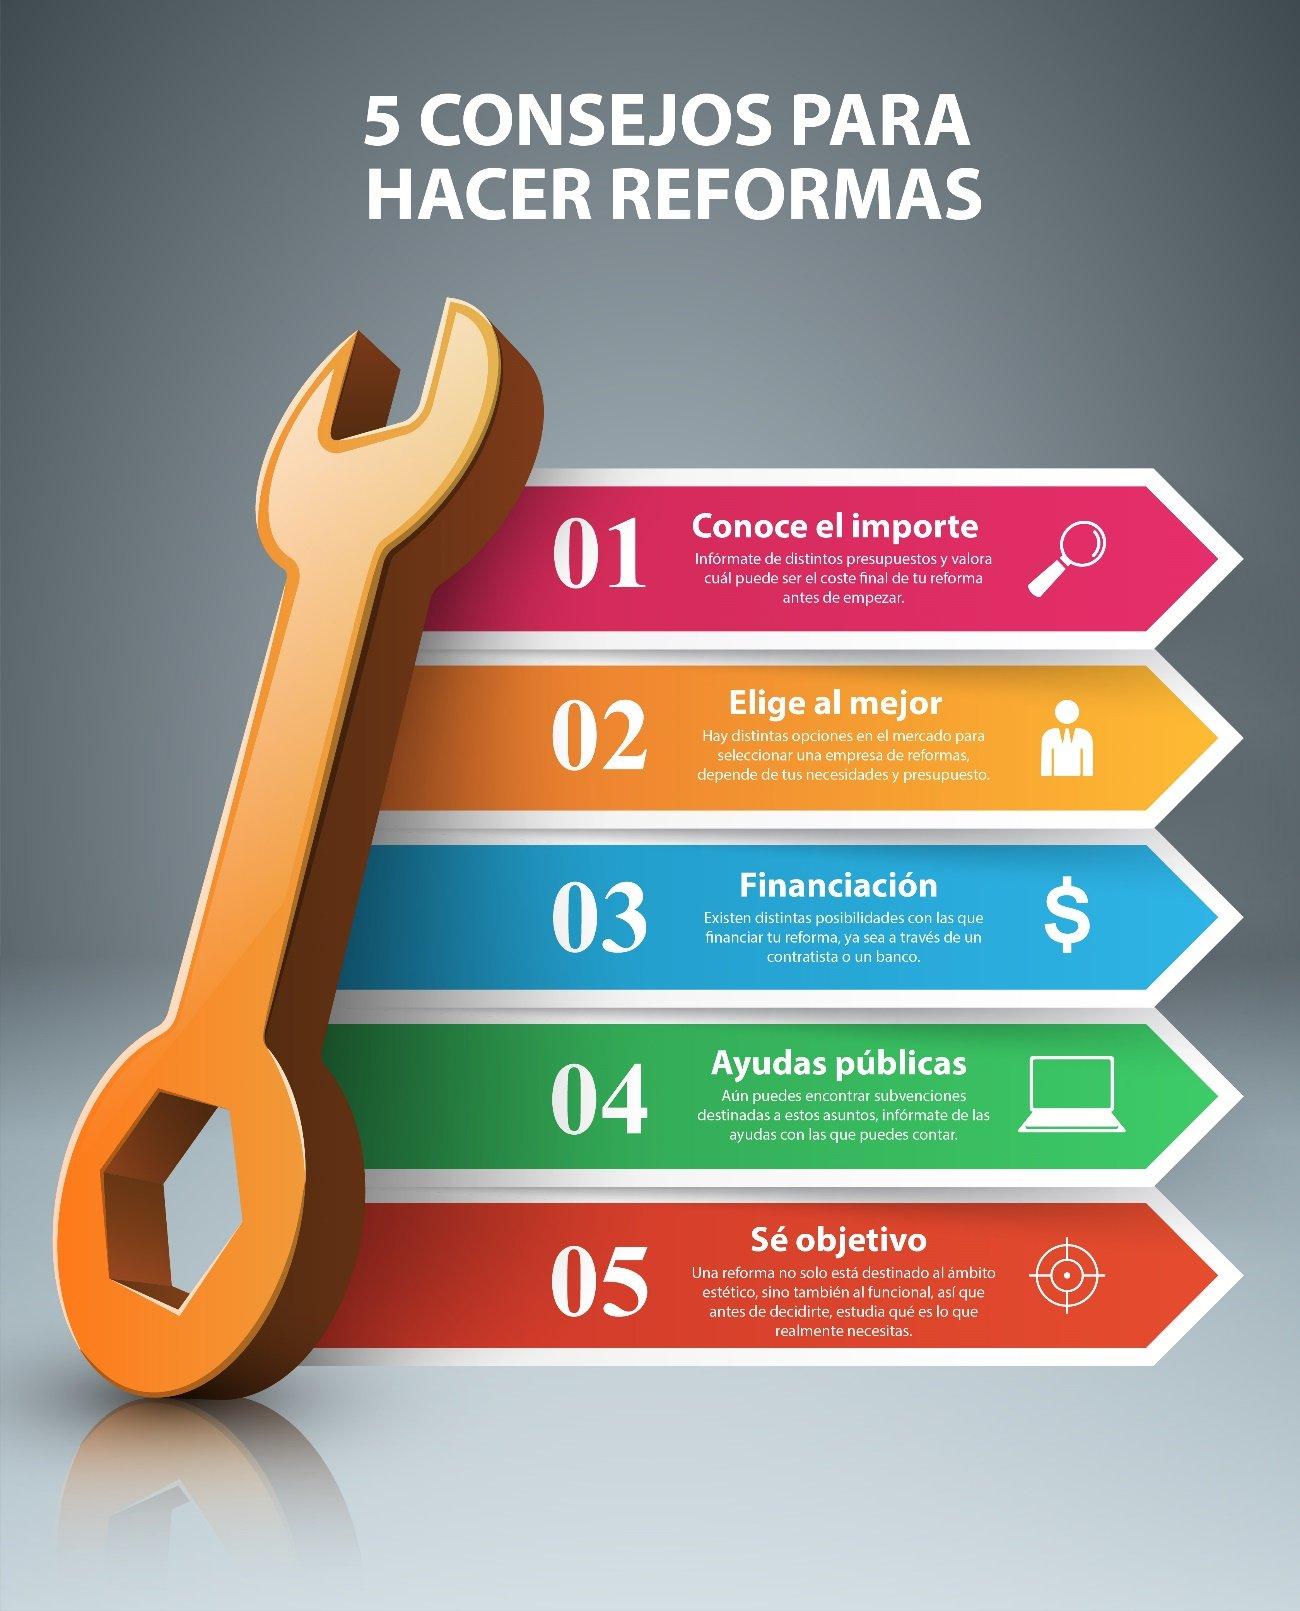 Consejos para hacer reformas